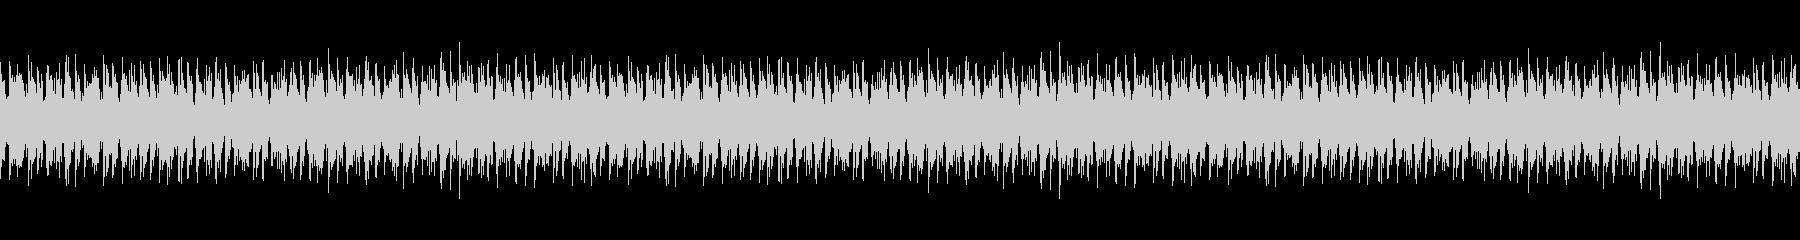 エレキギターで日常系BGMの未再生の波形